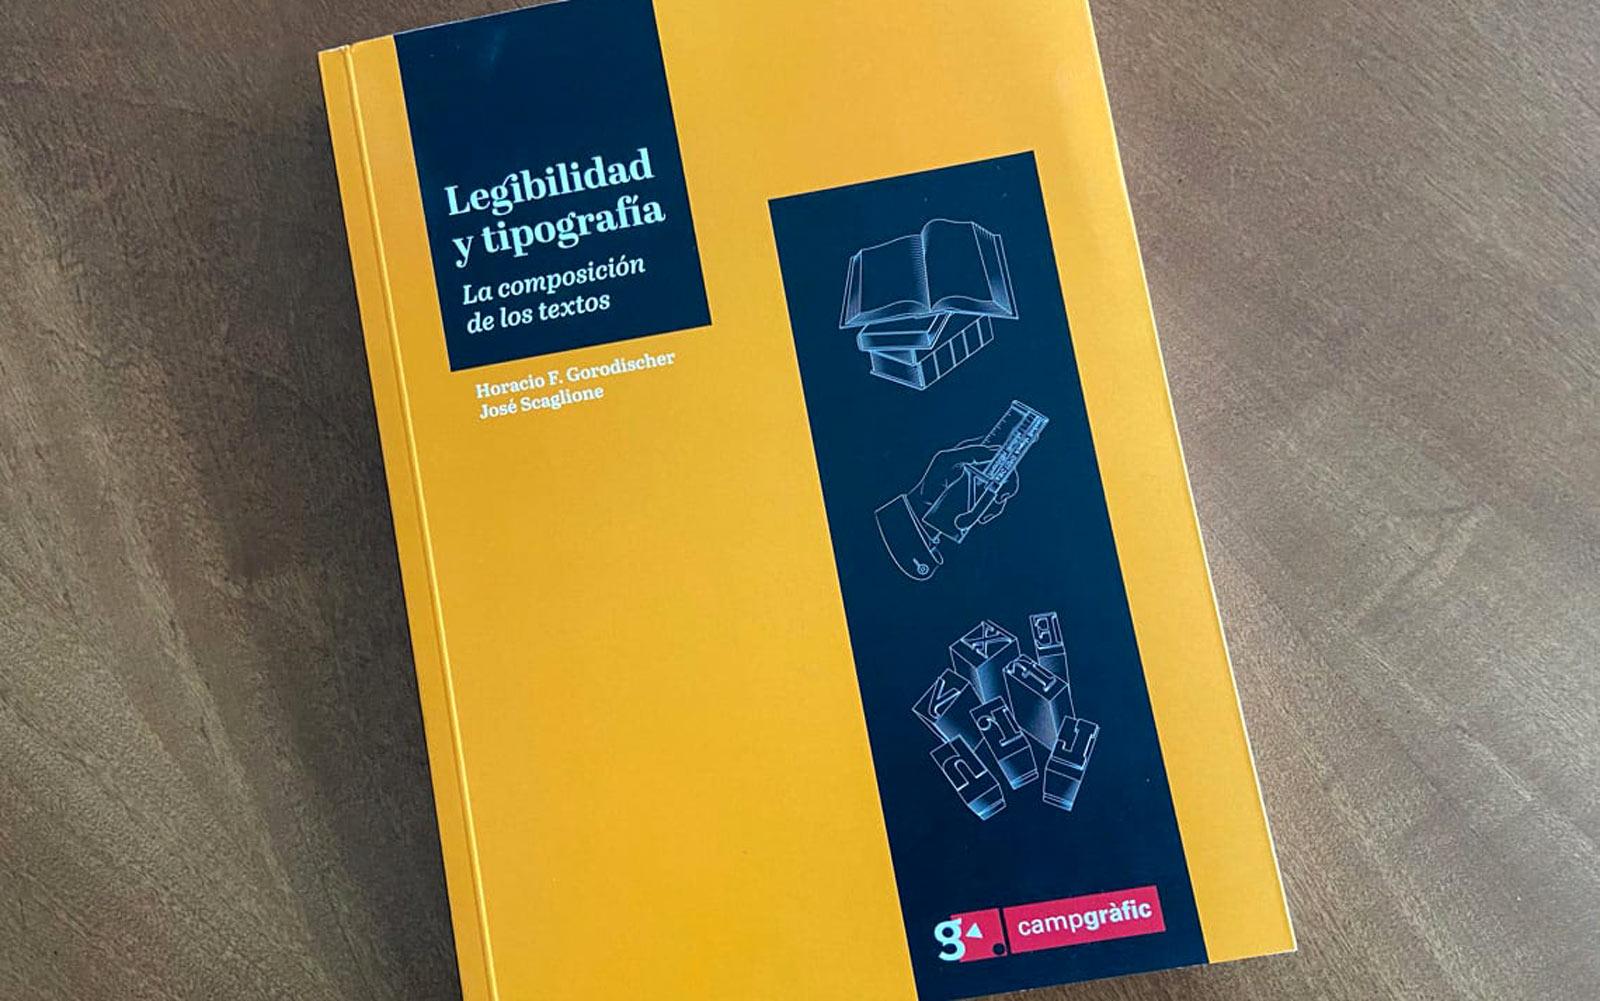 Legibility and typography: the composition of texts, Legibilidad y tipografía: la composición de los textos, is the new book by Horacio Gorodischer and José Scaglione